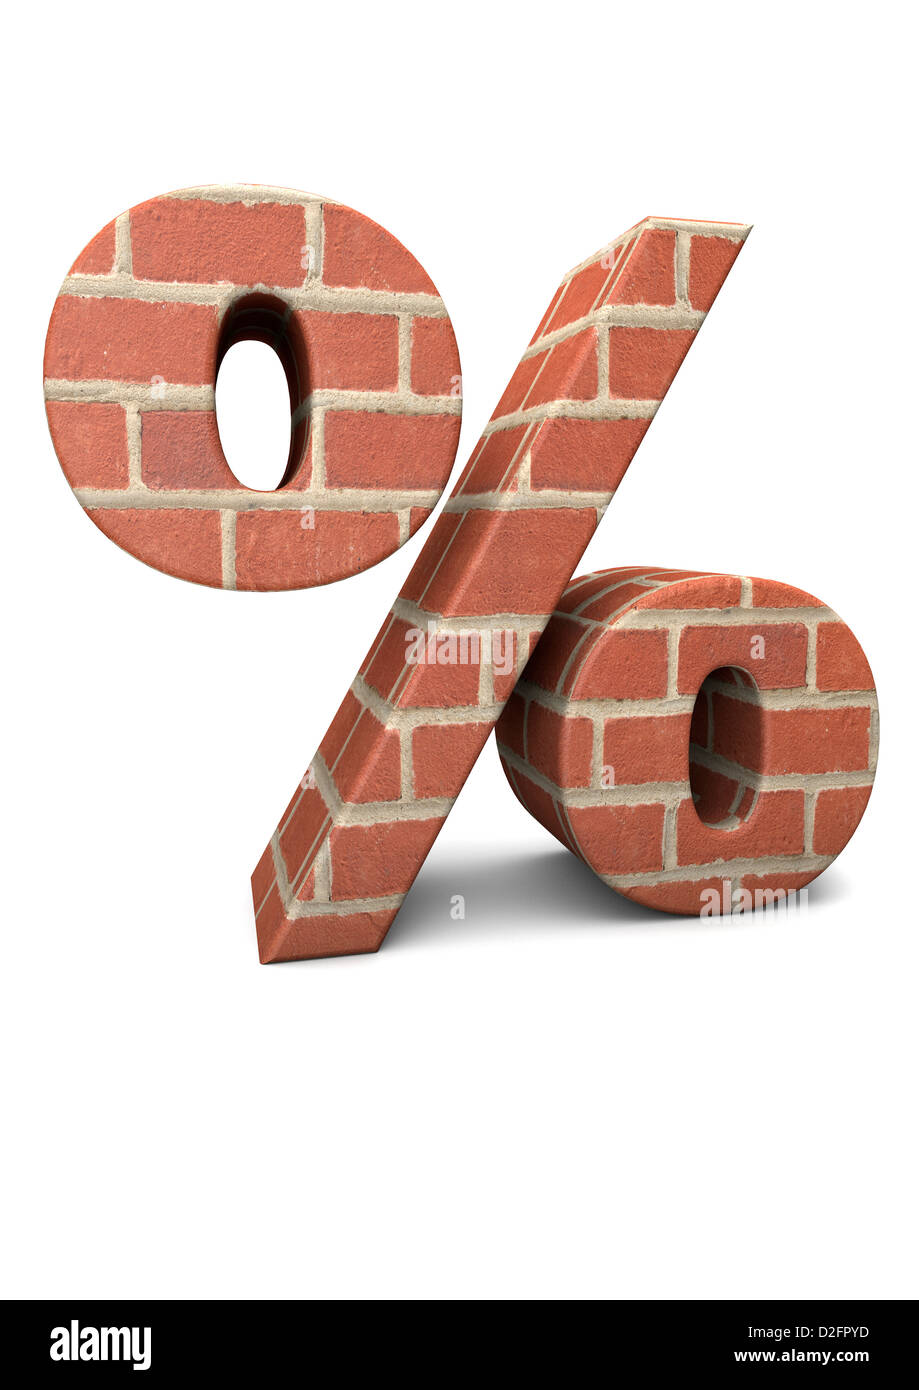 Il simbolo percentuale costruita da mattoni isolati su sfondo bianco - inflazione / Tassi / concetto di alloggiamento Immagini Stock